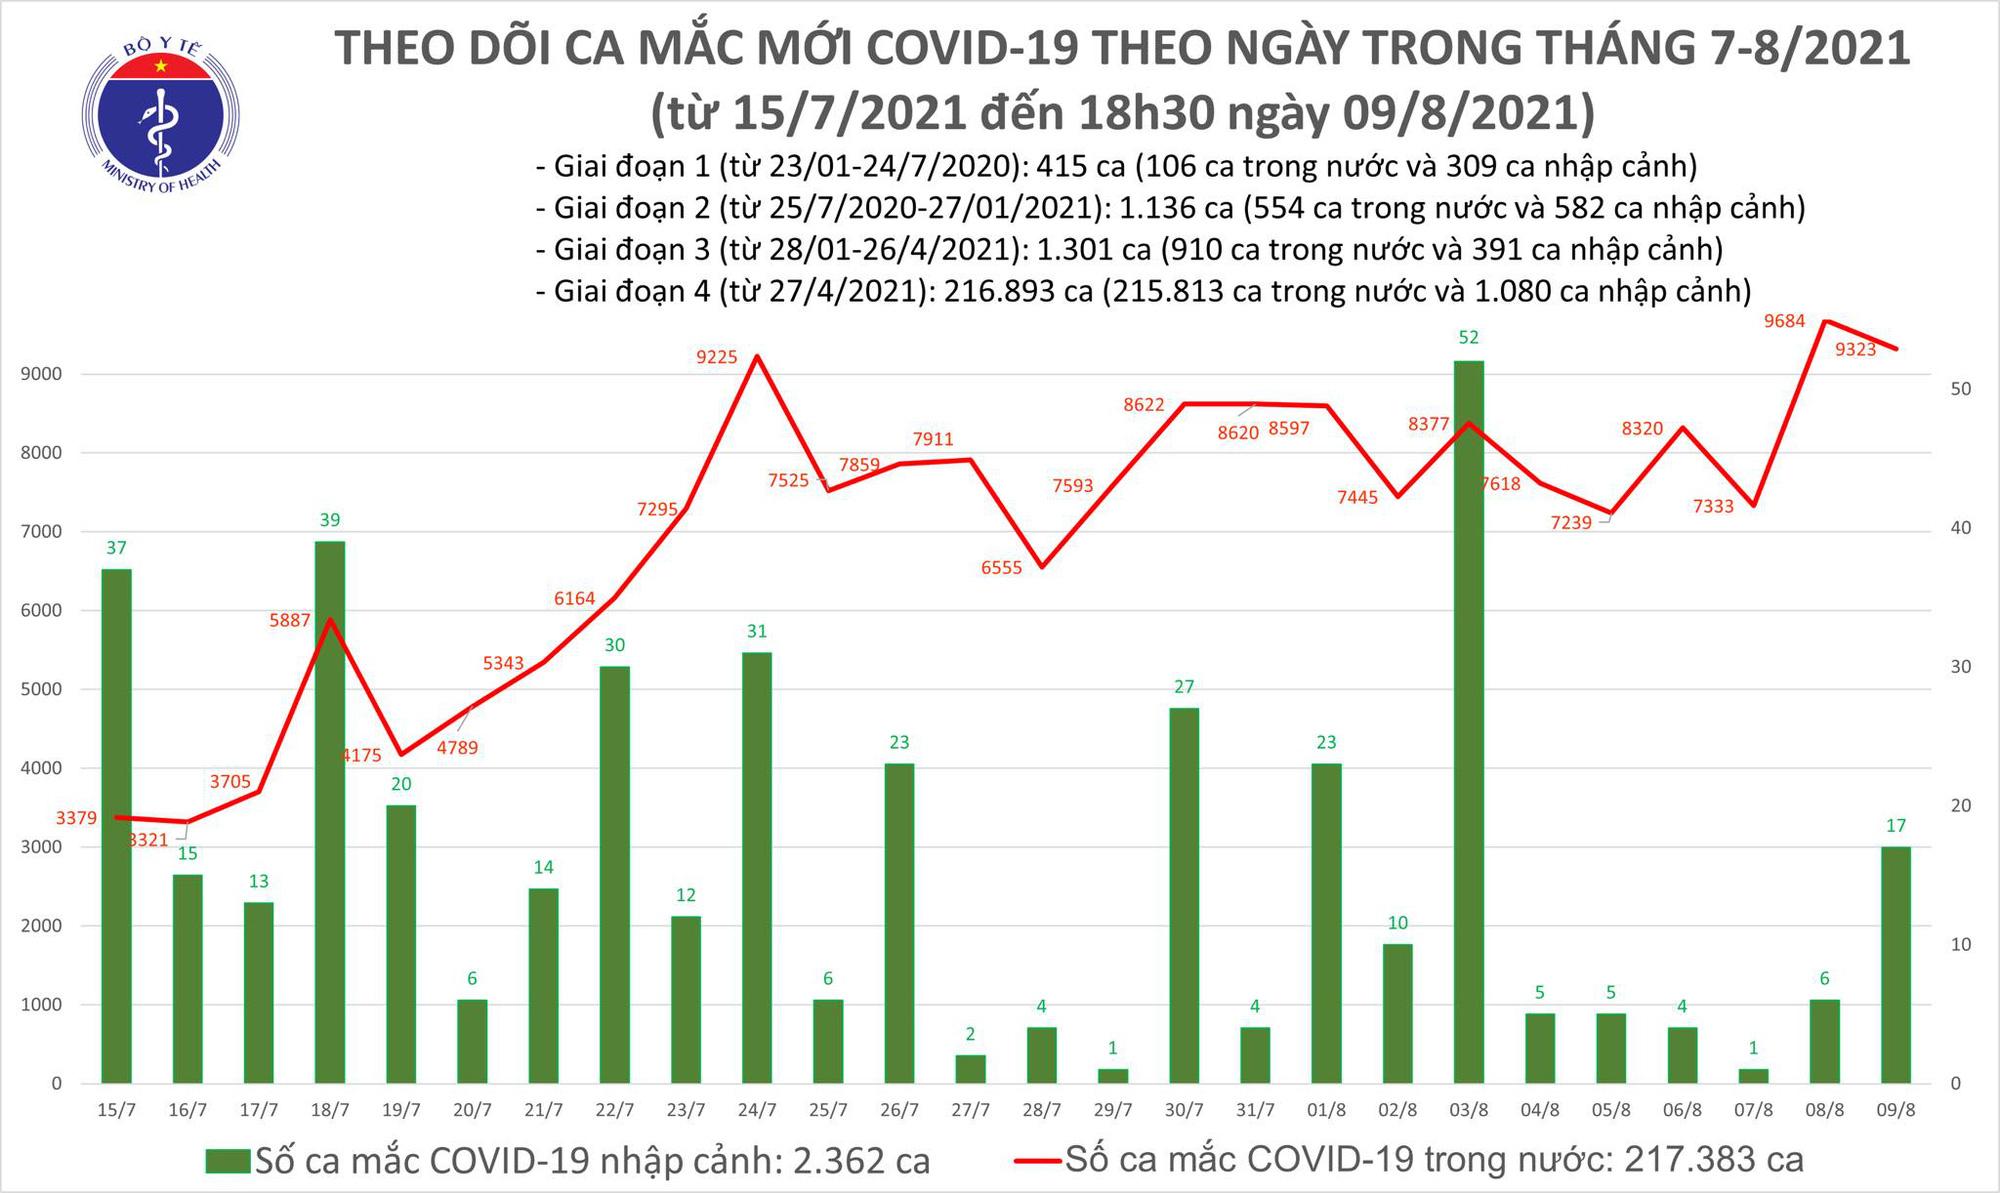 Tối 9/8: Thêm 4.185 ca COVID-19, tổng trong ngày là 9.340 ca mắc và 4.423 bệnh nhân khỏi - Ảnh 1.